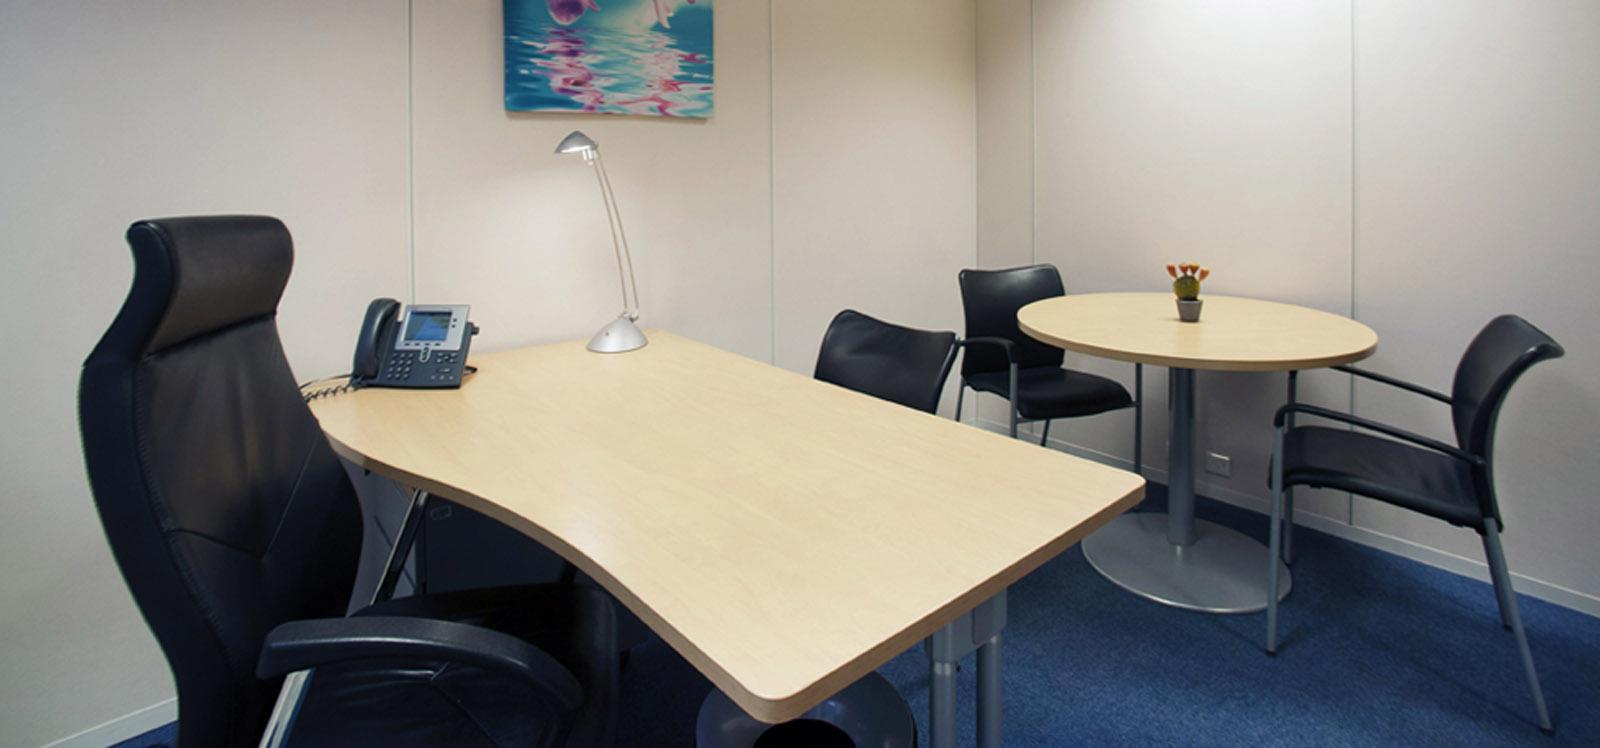 bureau à louer à Paris avec un poste de travail équipé